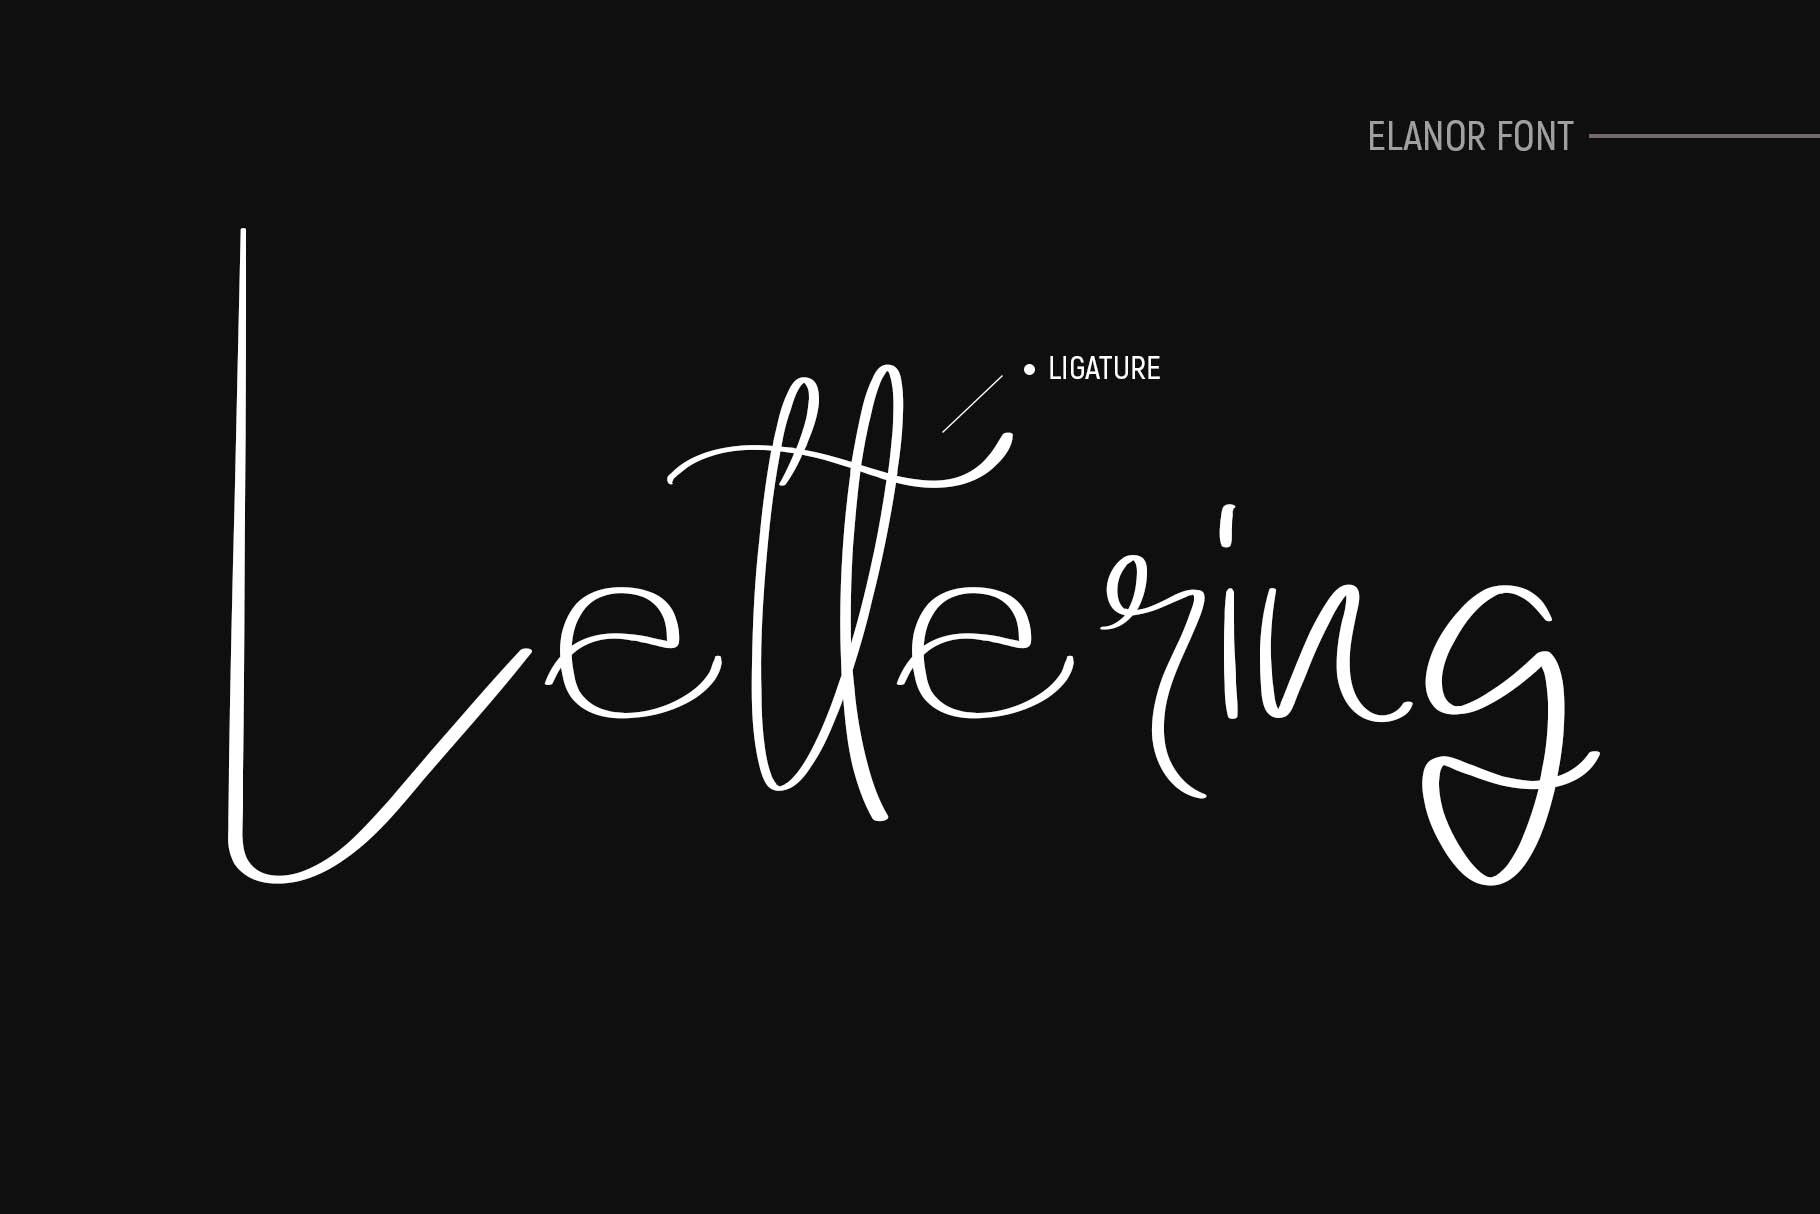 Elanor Font example image 4